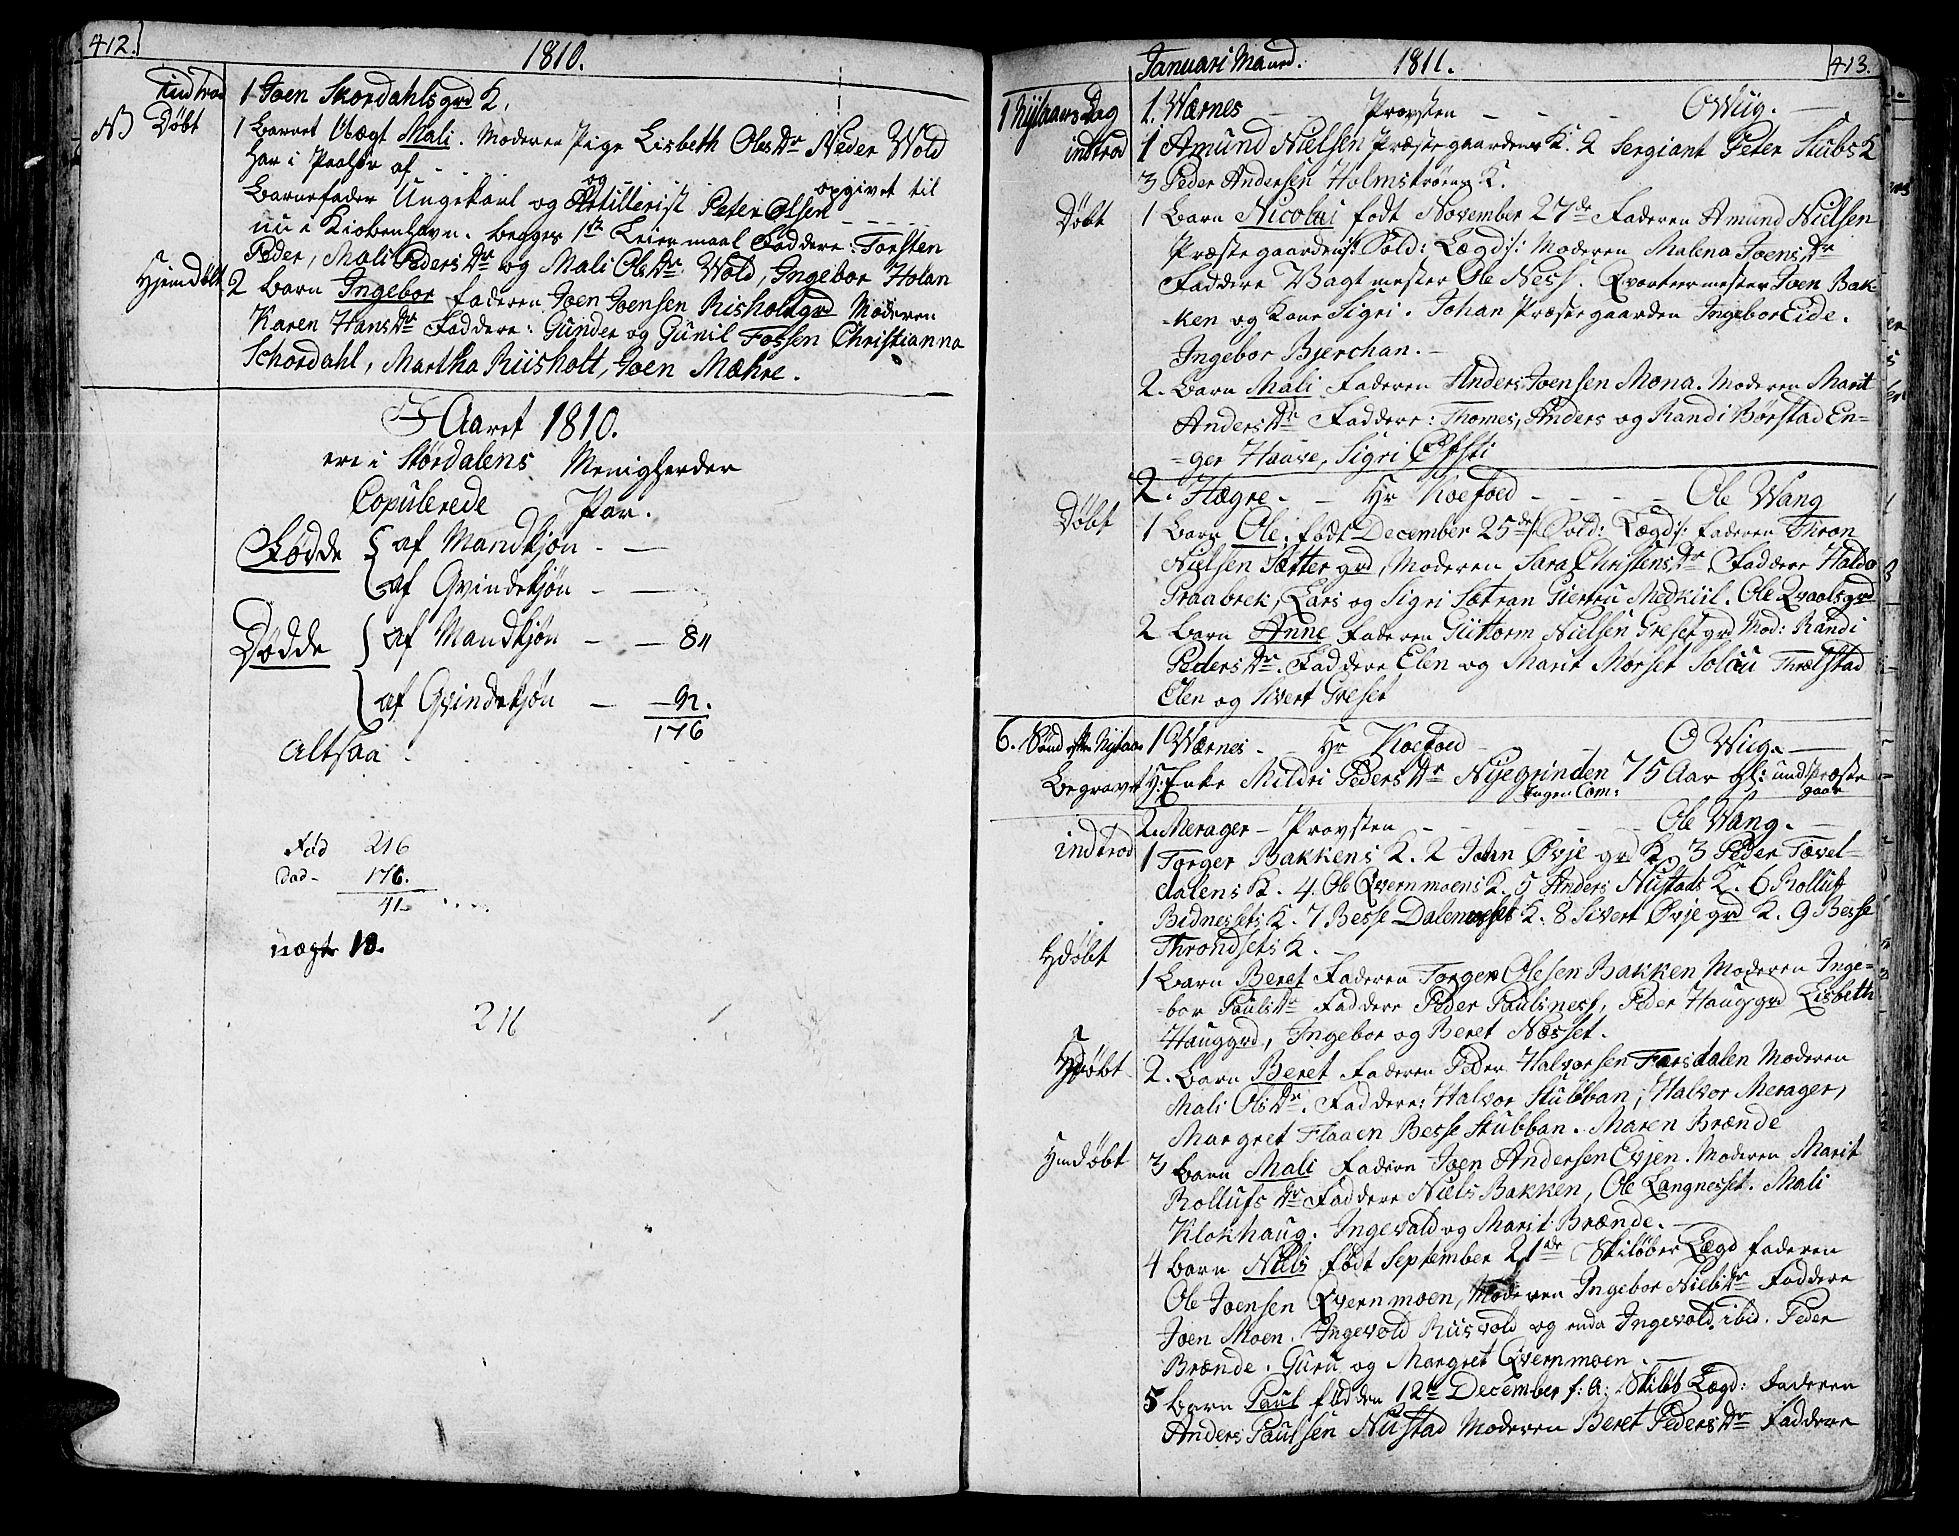 SAT, Ministerialprotokoller, klokkerbøker og fødselsregistre - Nord-Trøndelag, 709/L0060: Ministerialbok nr. 709A07, 1797-1815, s. 412-413